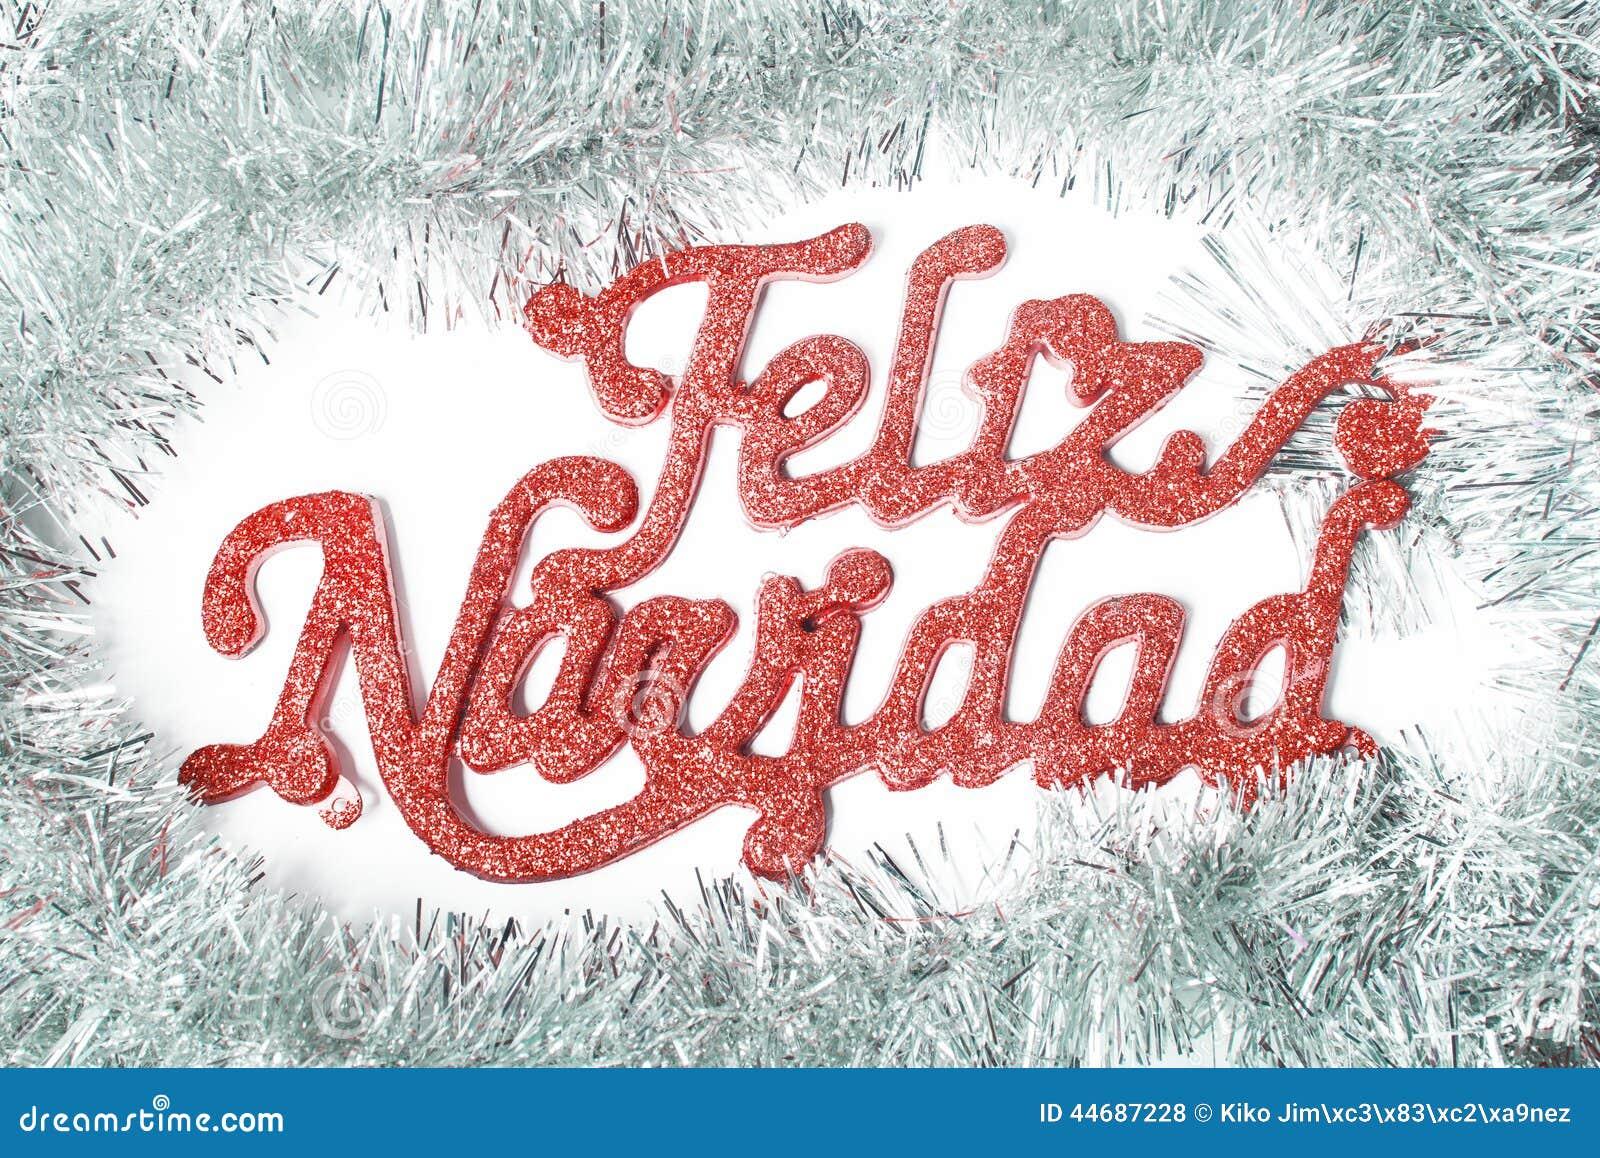 frohe weihnachten auf spanisch stockfoto bild 44687228